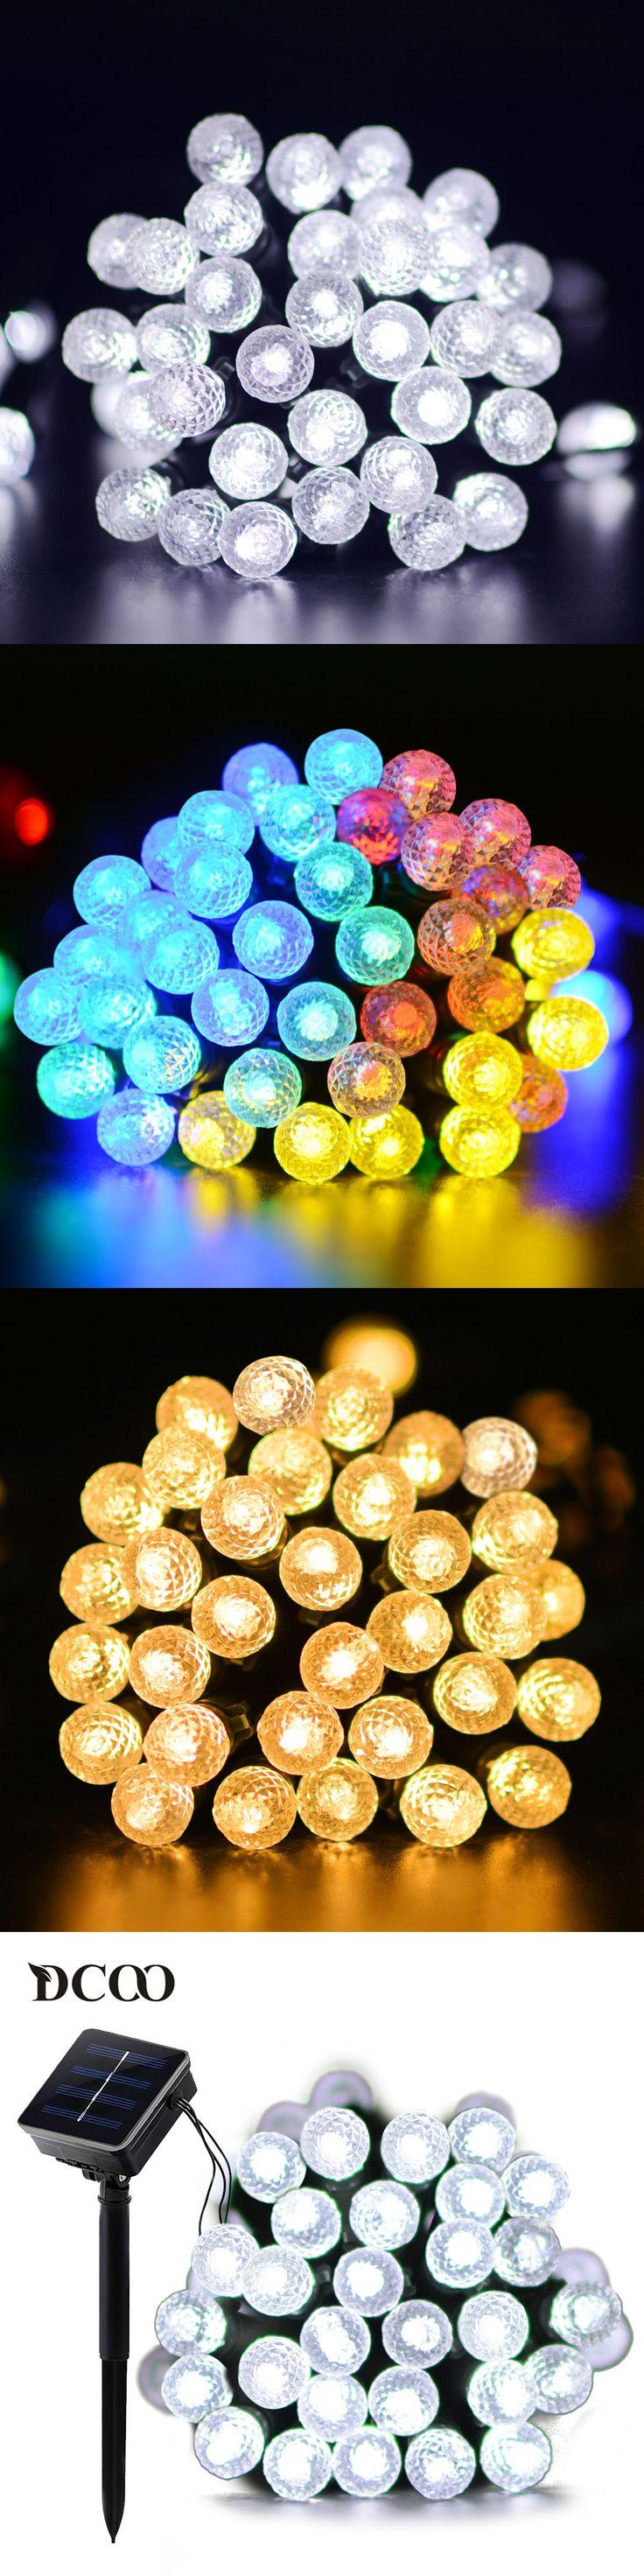 Die besten 25+ Outdoor led string lights Ideen auf Pinterest ...